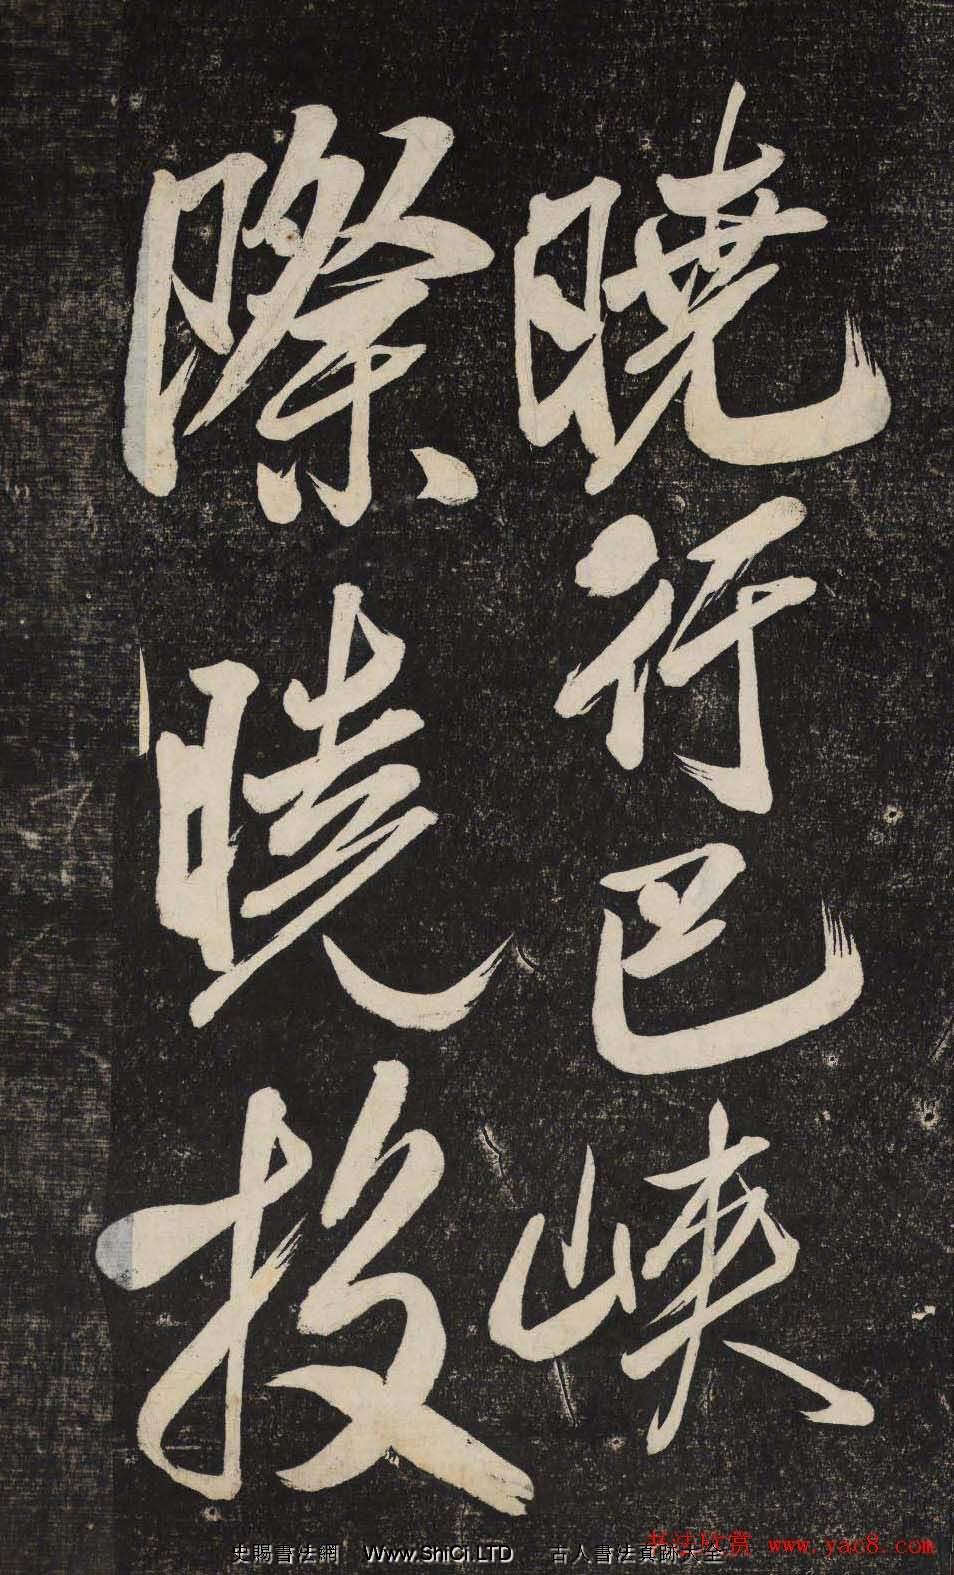 米芾行書真跡欣賞《曉行巴峽》高清刻本(共25張圖片)